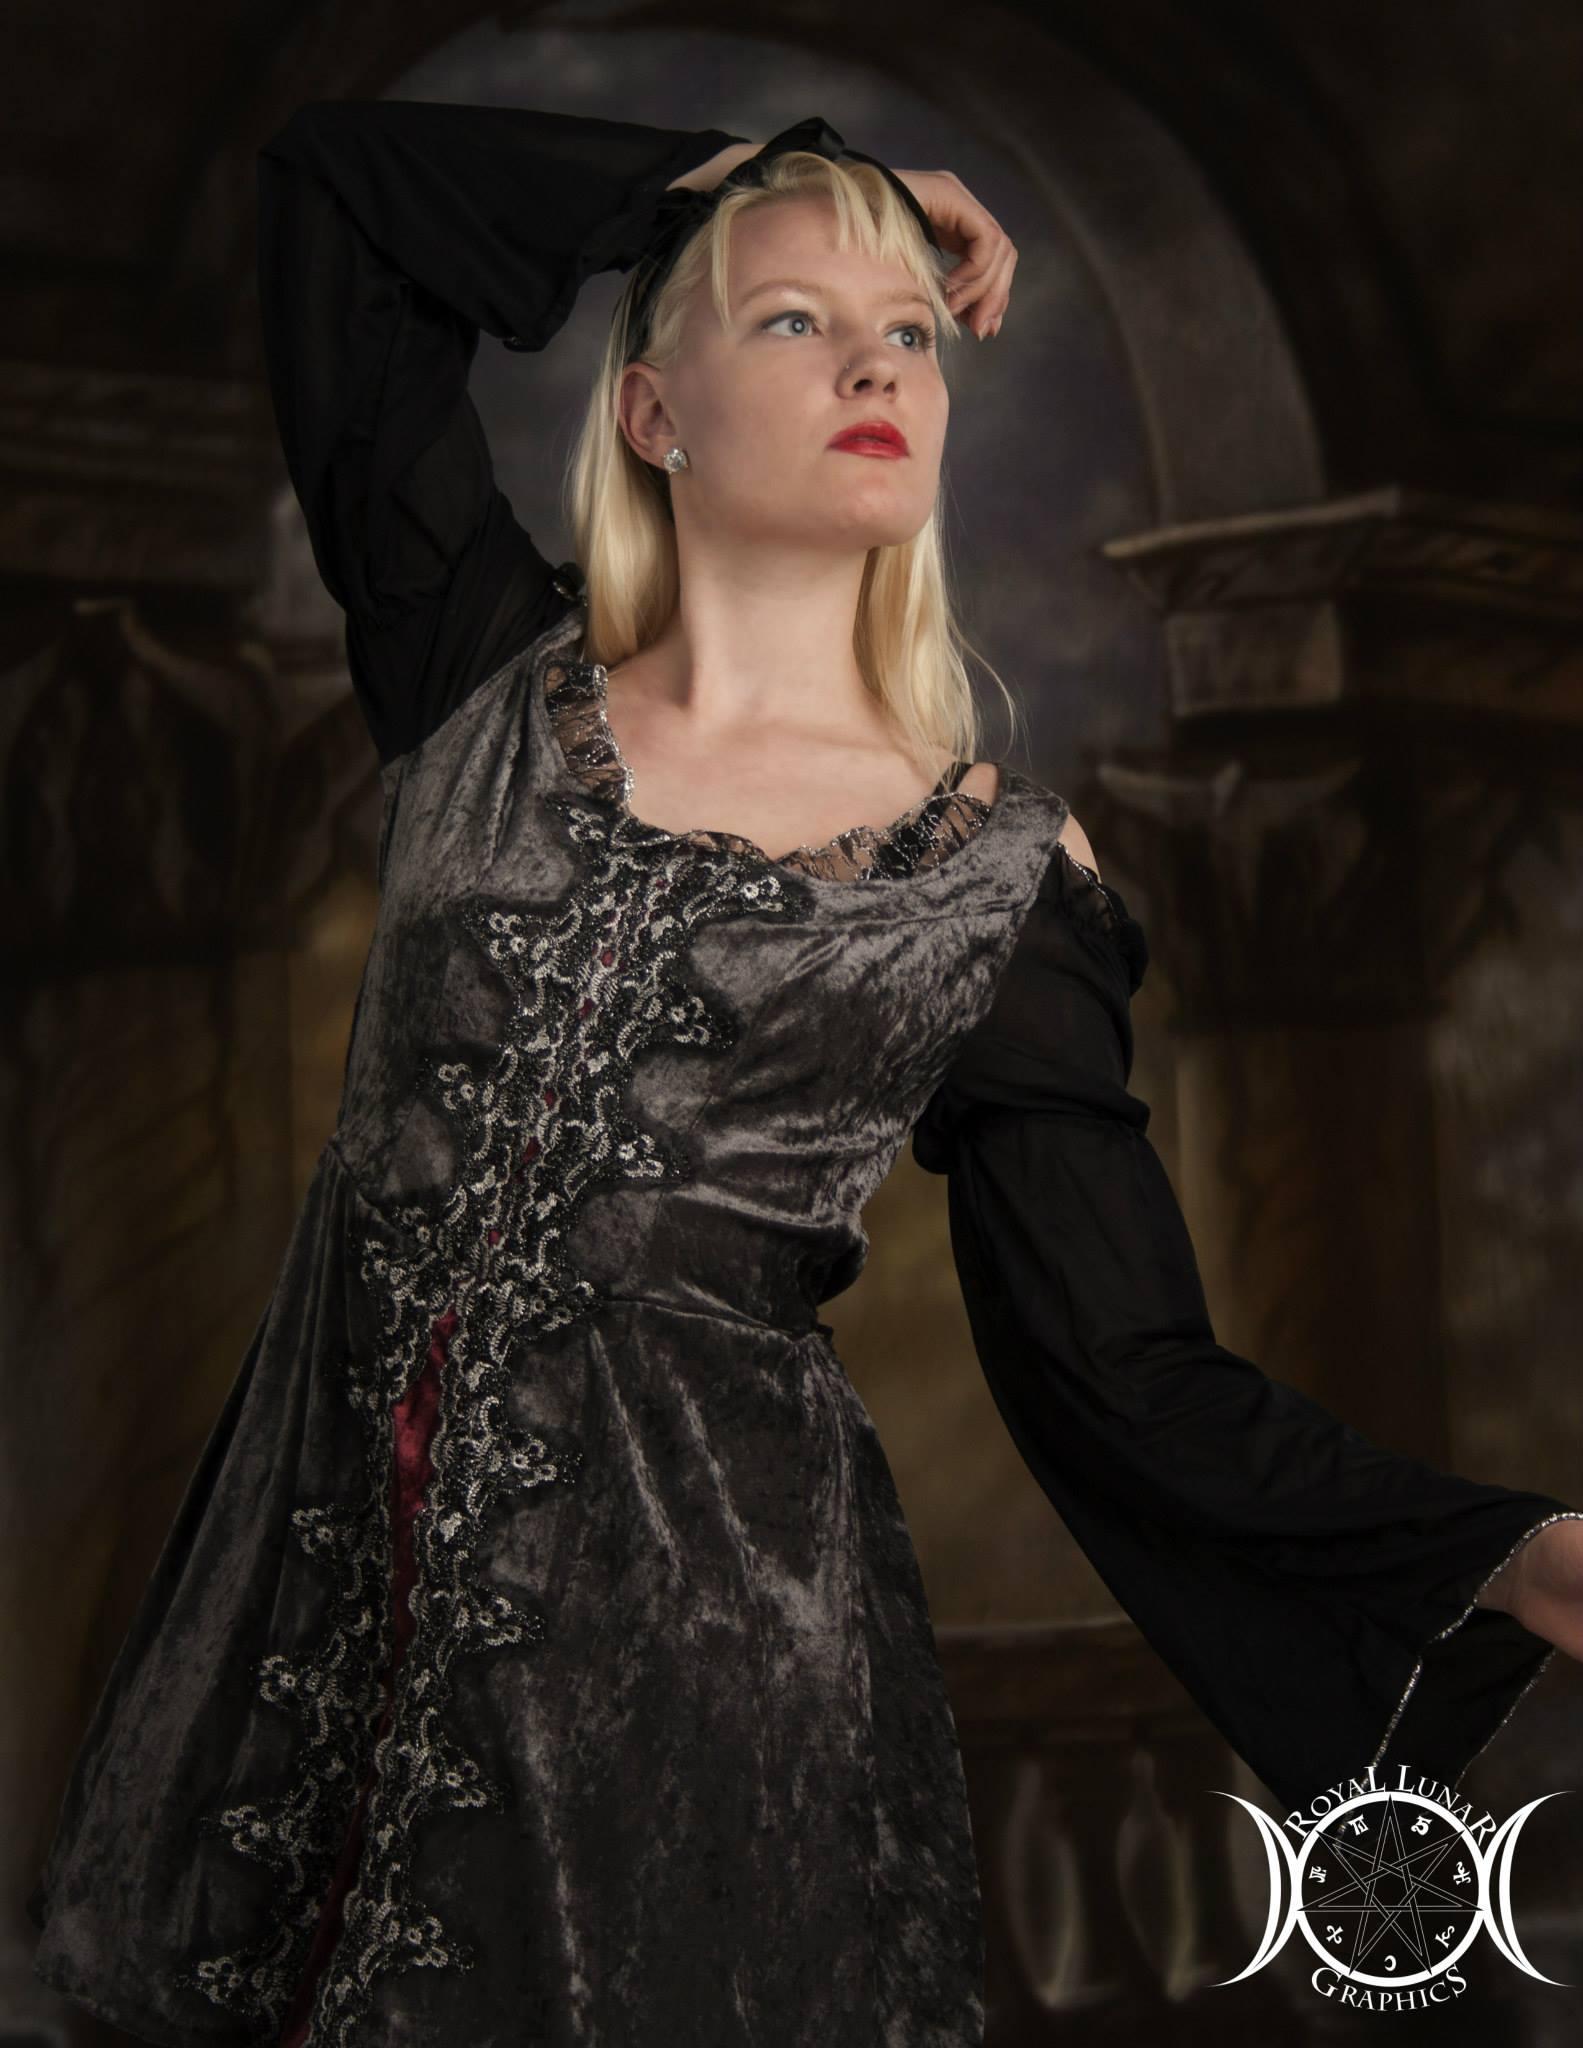 Krystal Slater | Royal Lunar Graphics